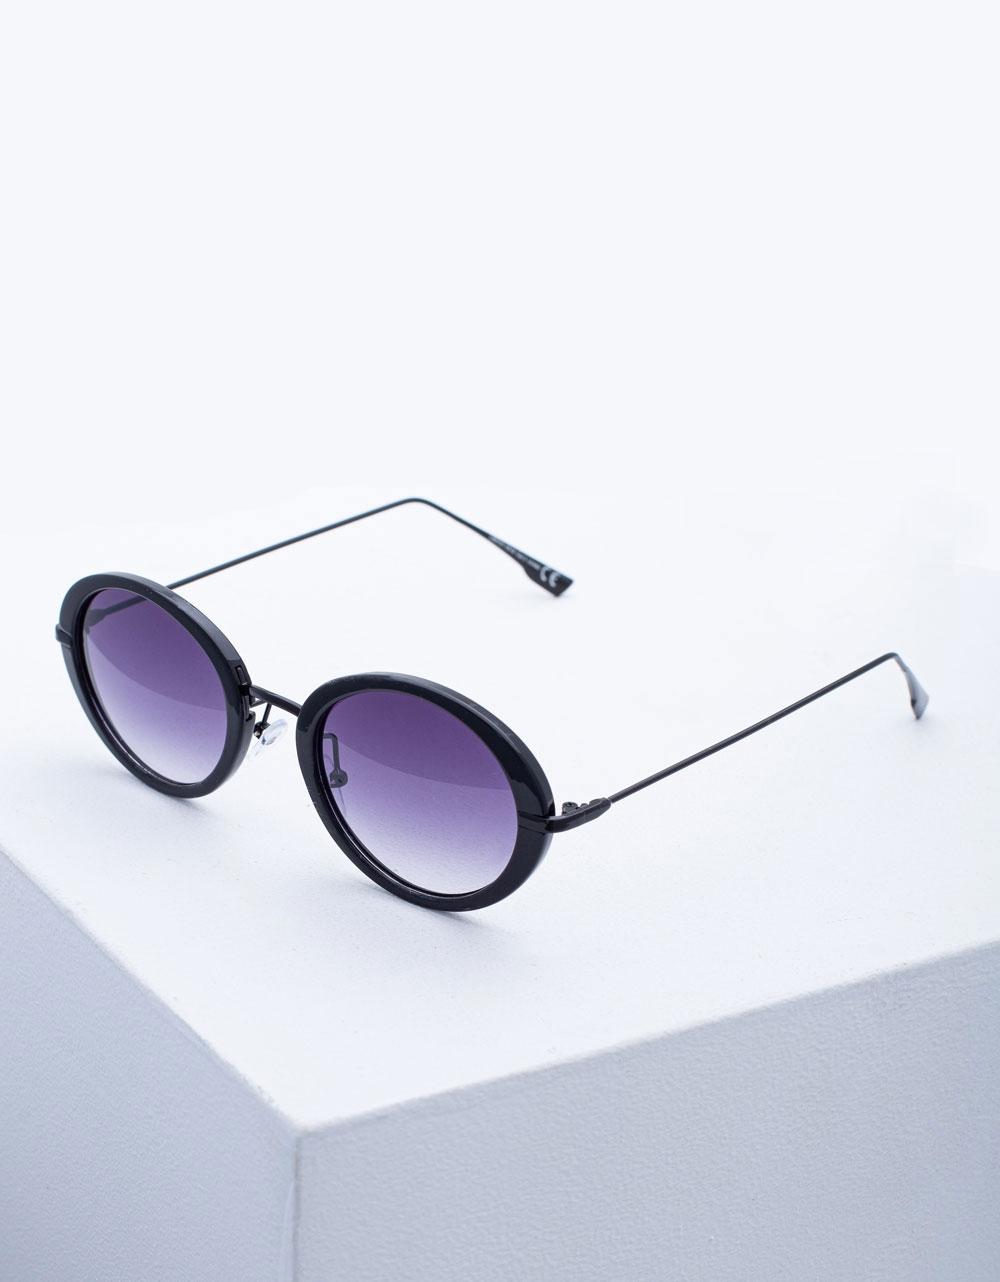 Εικόνα από Γυναικεία γυαλιά ηλίου με λεπτό σκελετό Μαύρο